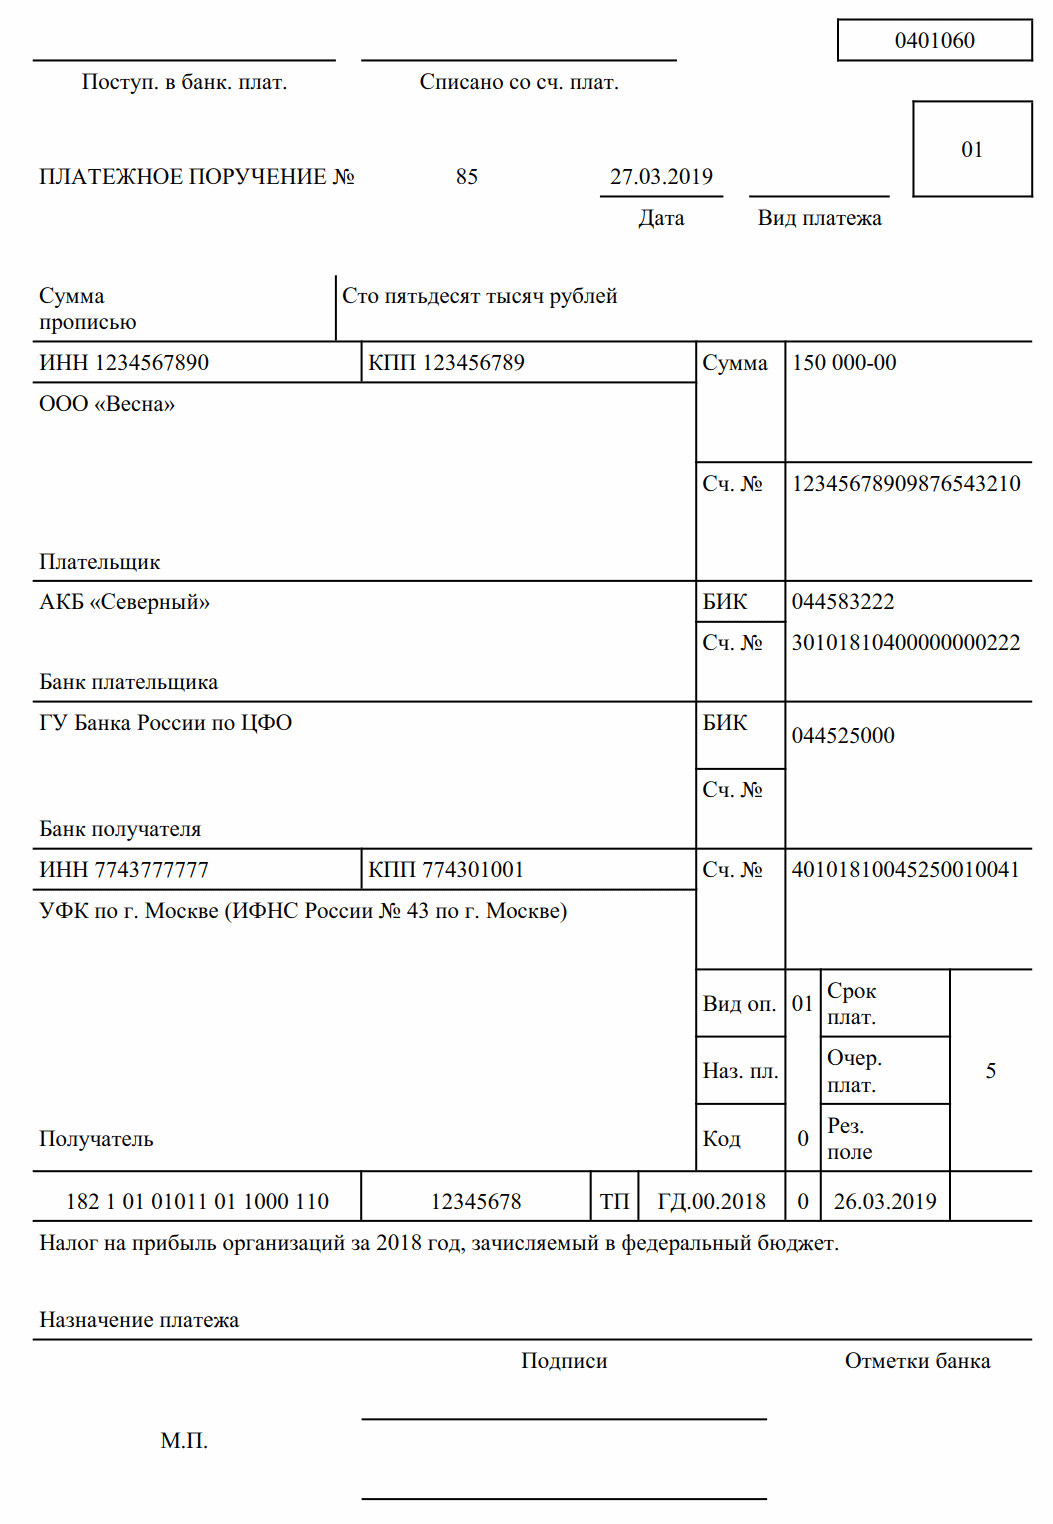 Ежеквартальный расчет налога на прибыль